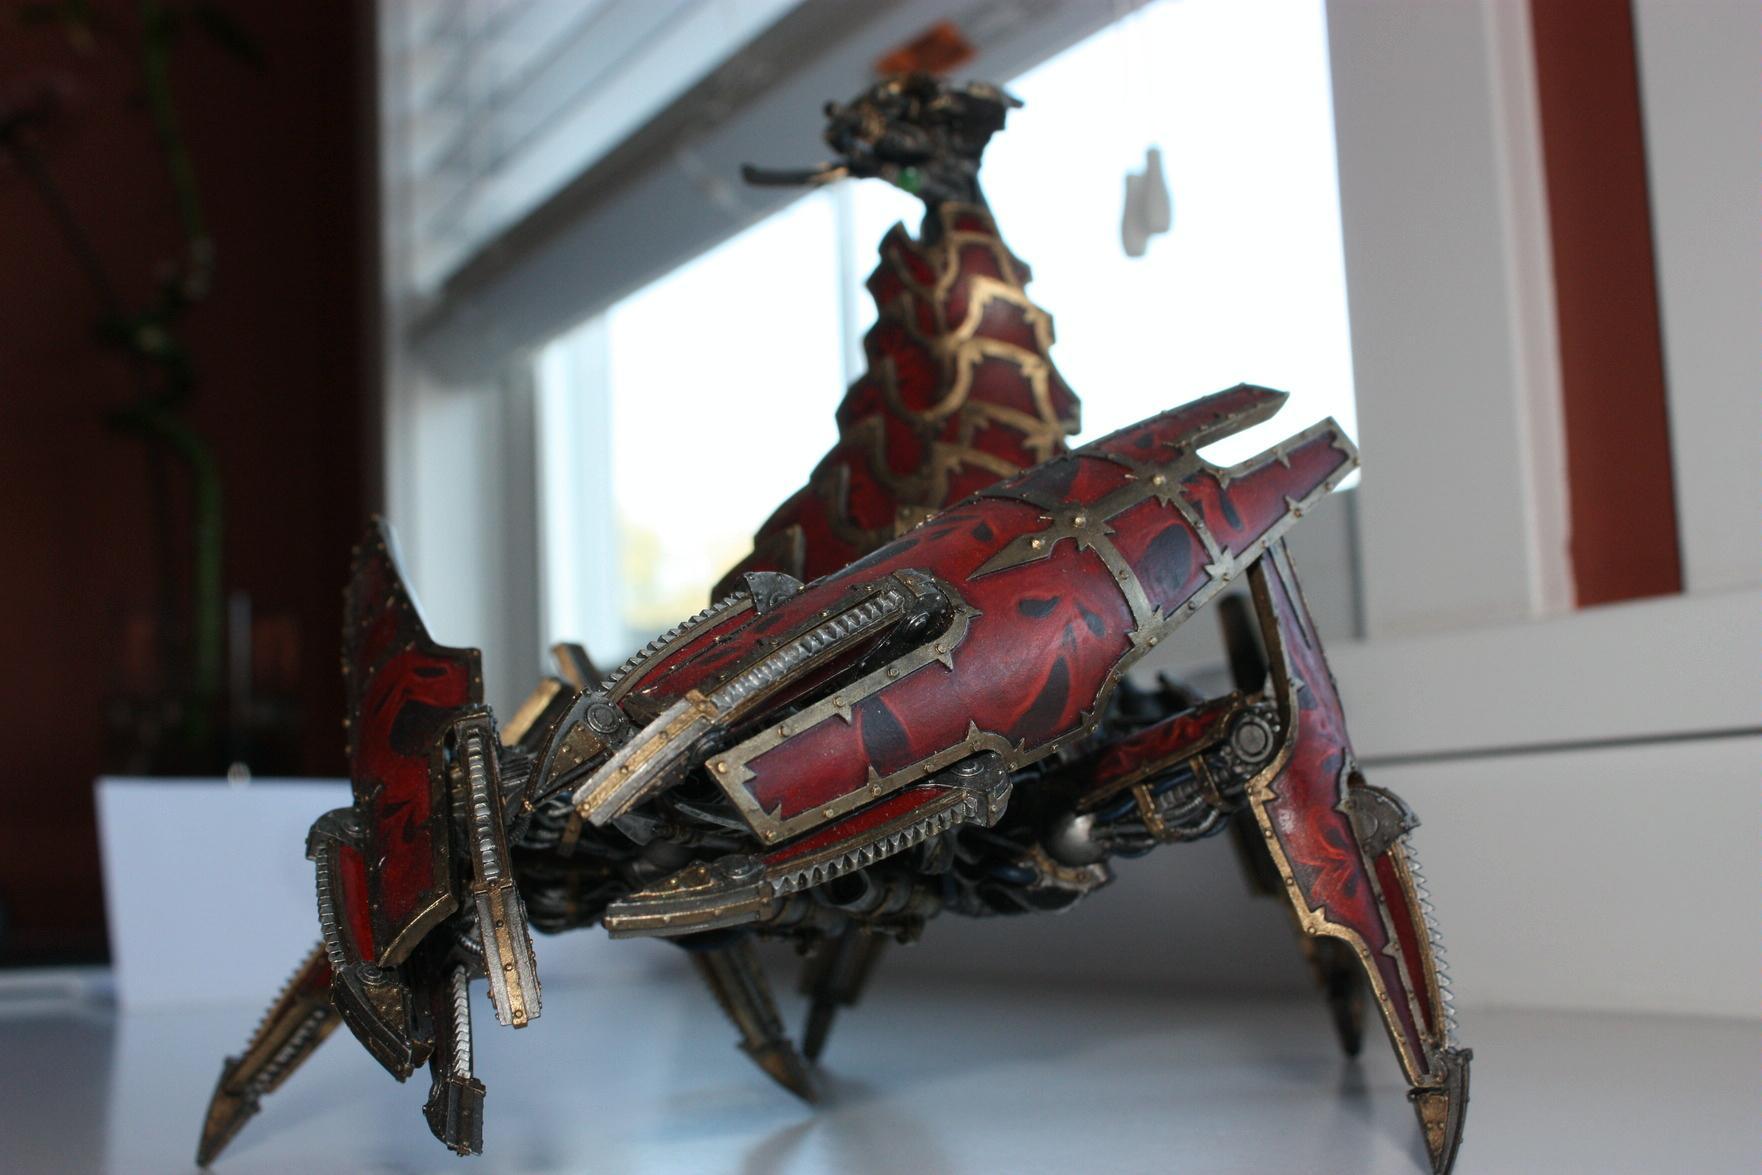 Brass Scorpion, Chaos, Daemon Engine, Daemons, Forge World, Khorne